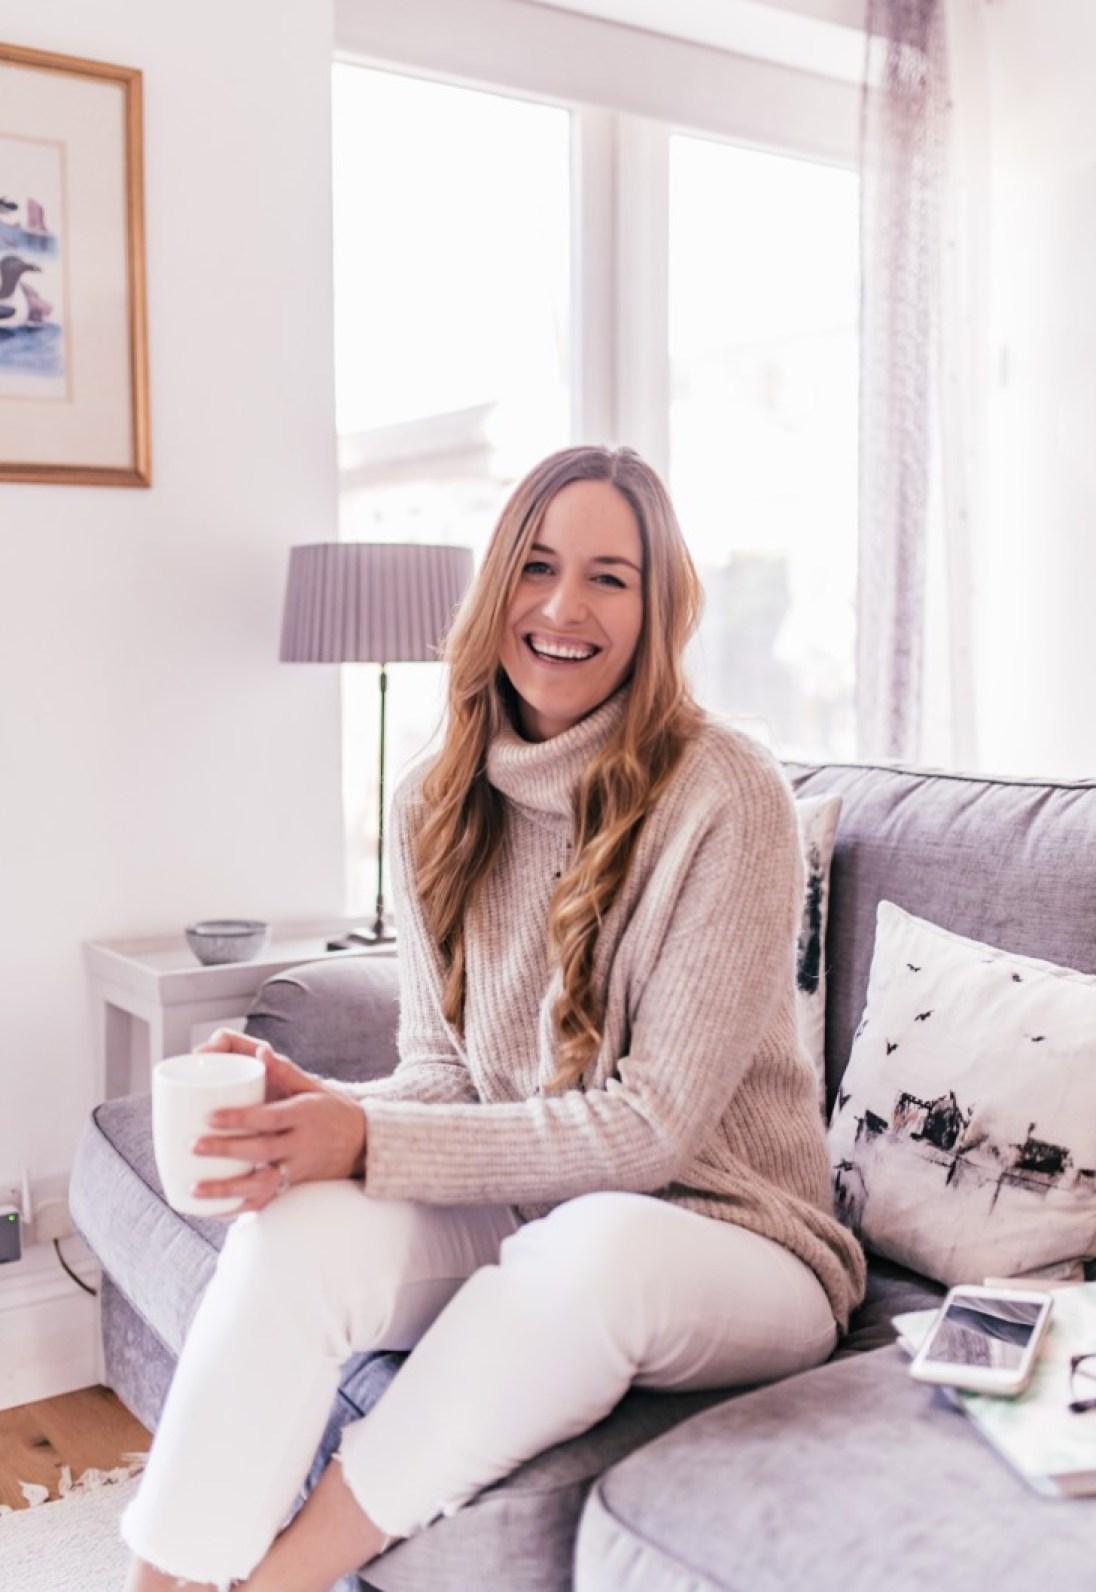 Becky Van Dijk